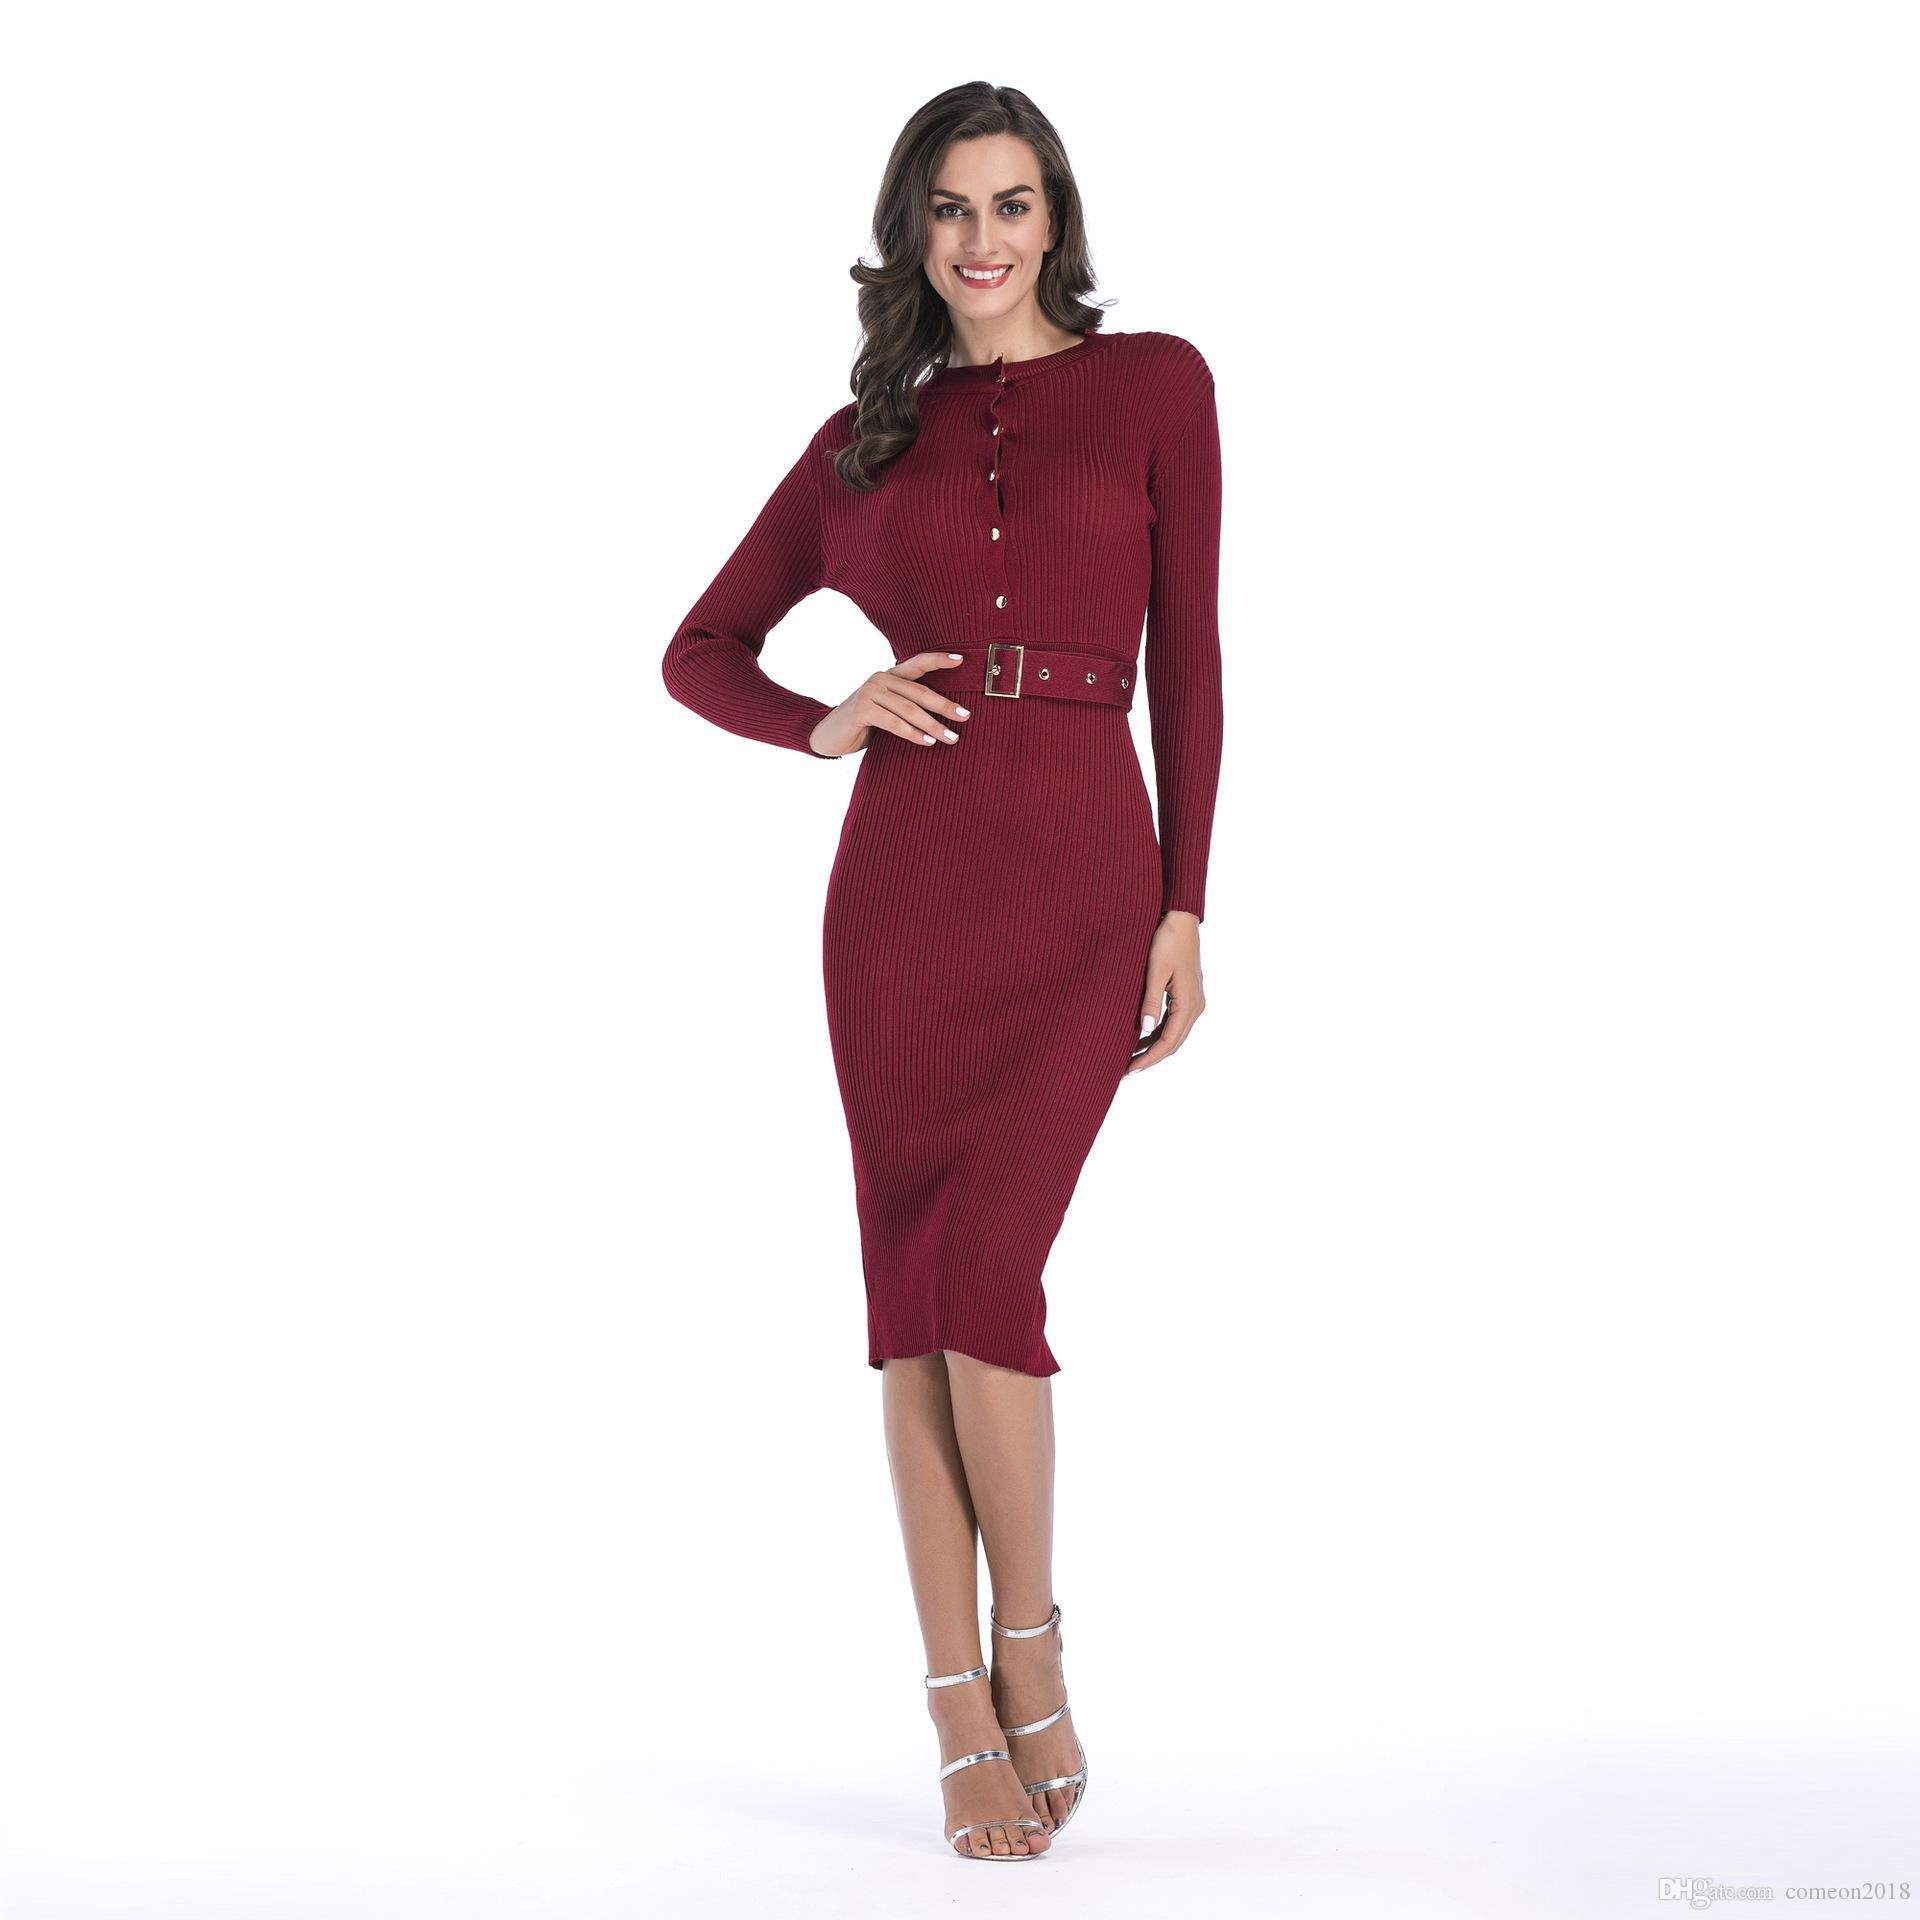 a394211f1172 Großhandel Mode Frauen Kleidung Bodycon Kleider Herbst O Neck Knit Split  Bleistift Kleid Mit Knopf Dekoriert Dünne Paket Hüfte Kleid Schärpen Von  Comeon2018 ...